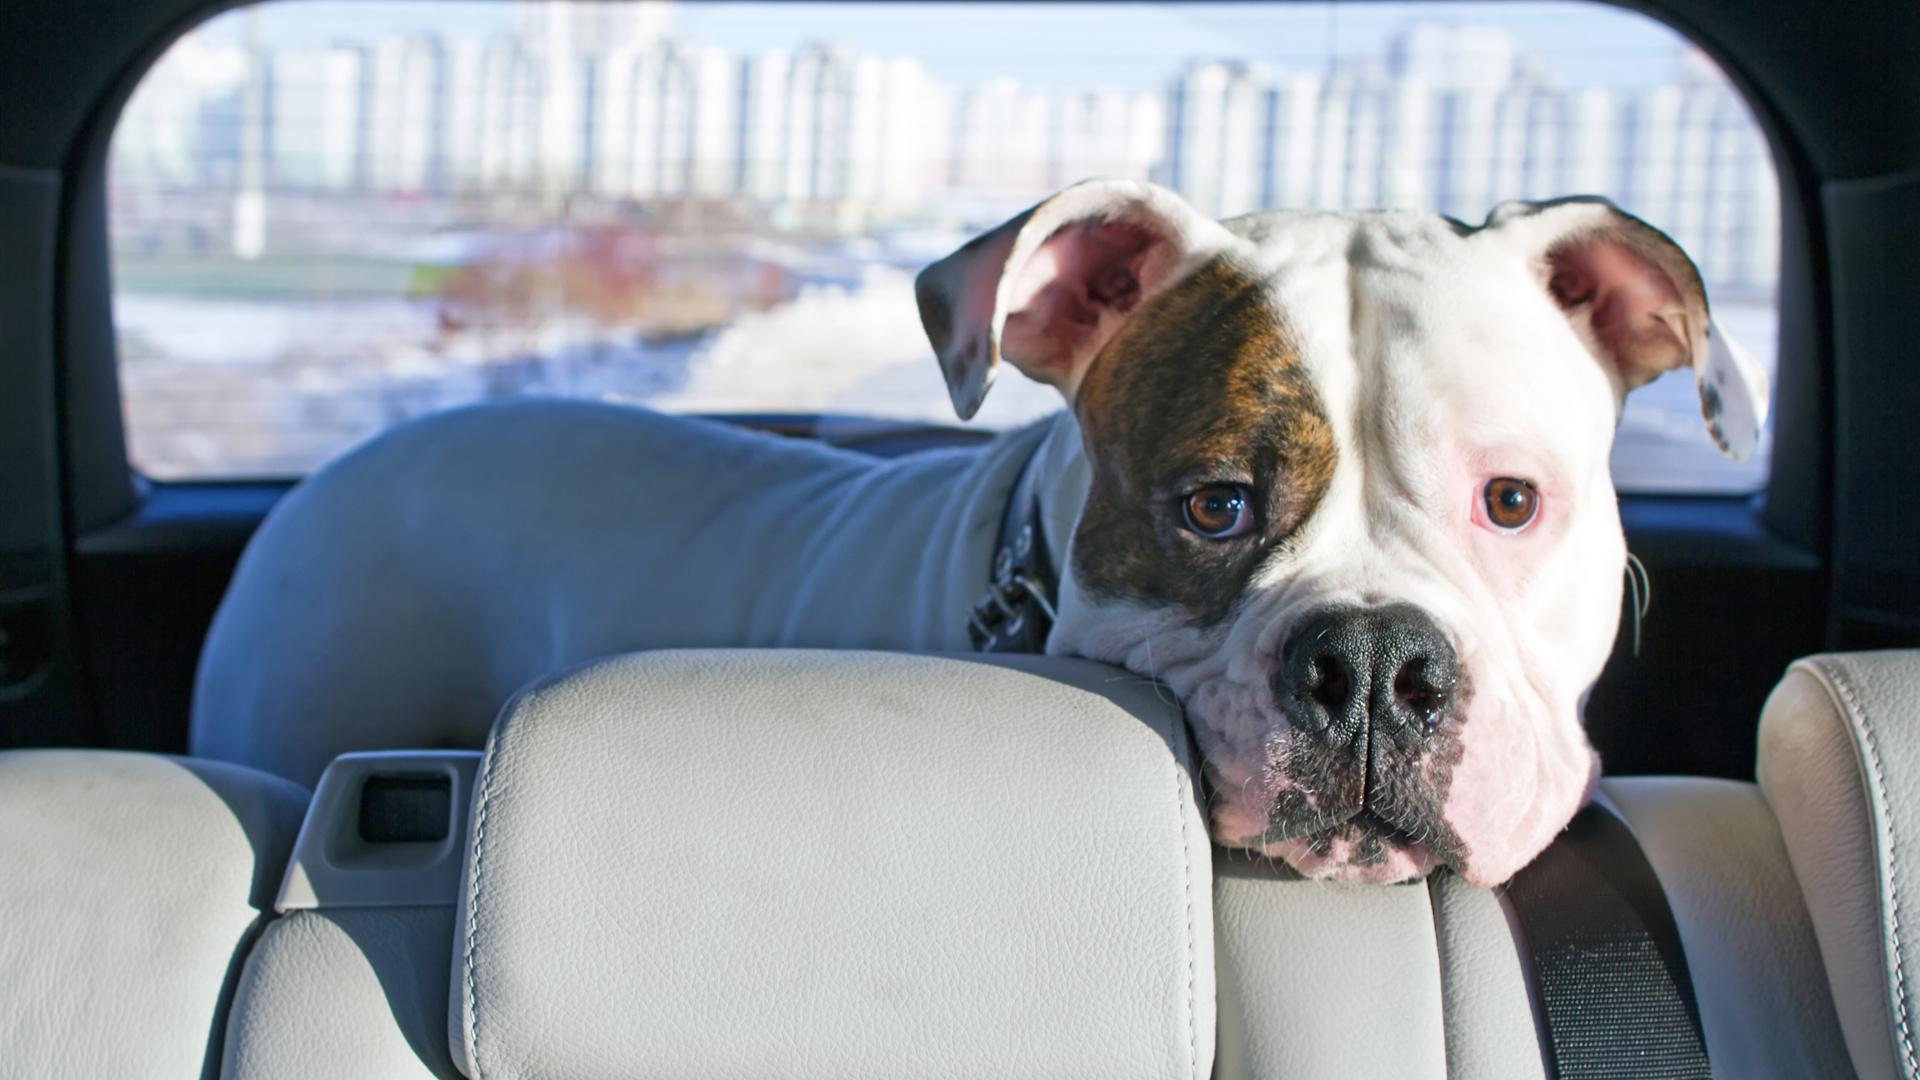 """En la Provincia de Buenos Aires, la Ley 13.637 establece que los animales deberán ser transportados en el asiento trasero y atados. La Ley 2.148 de tránsito de CABA también prohíbe a los conductores """"transportar animales sueltos""""."""